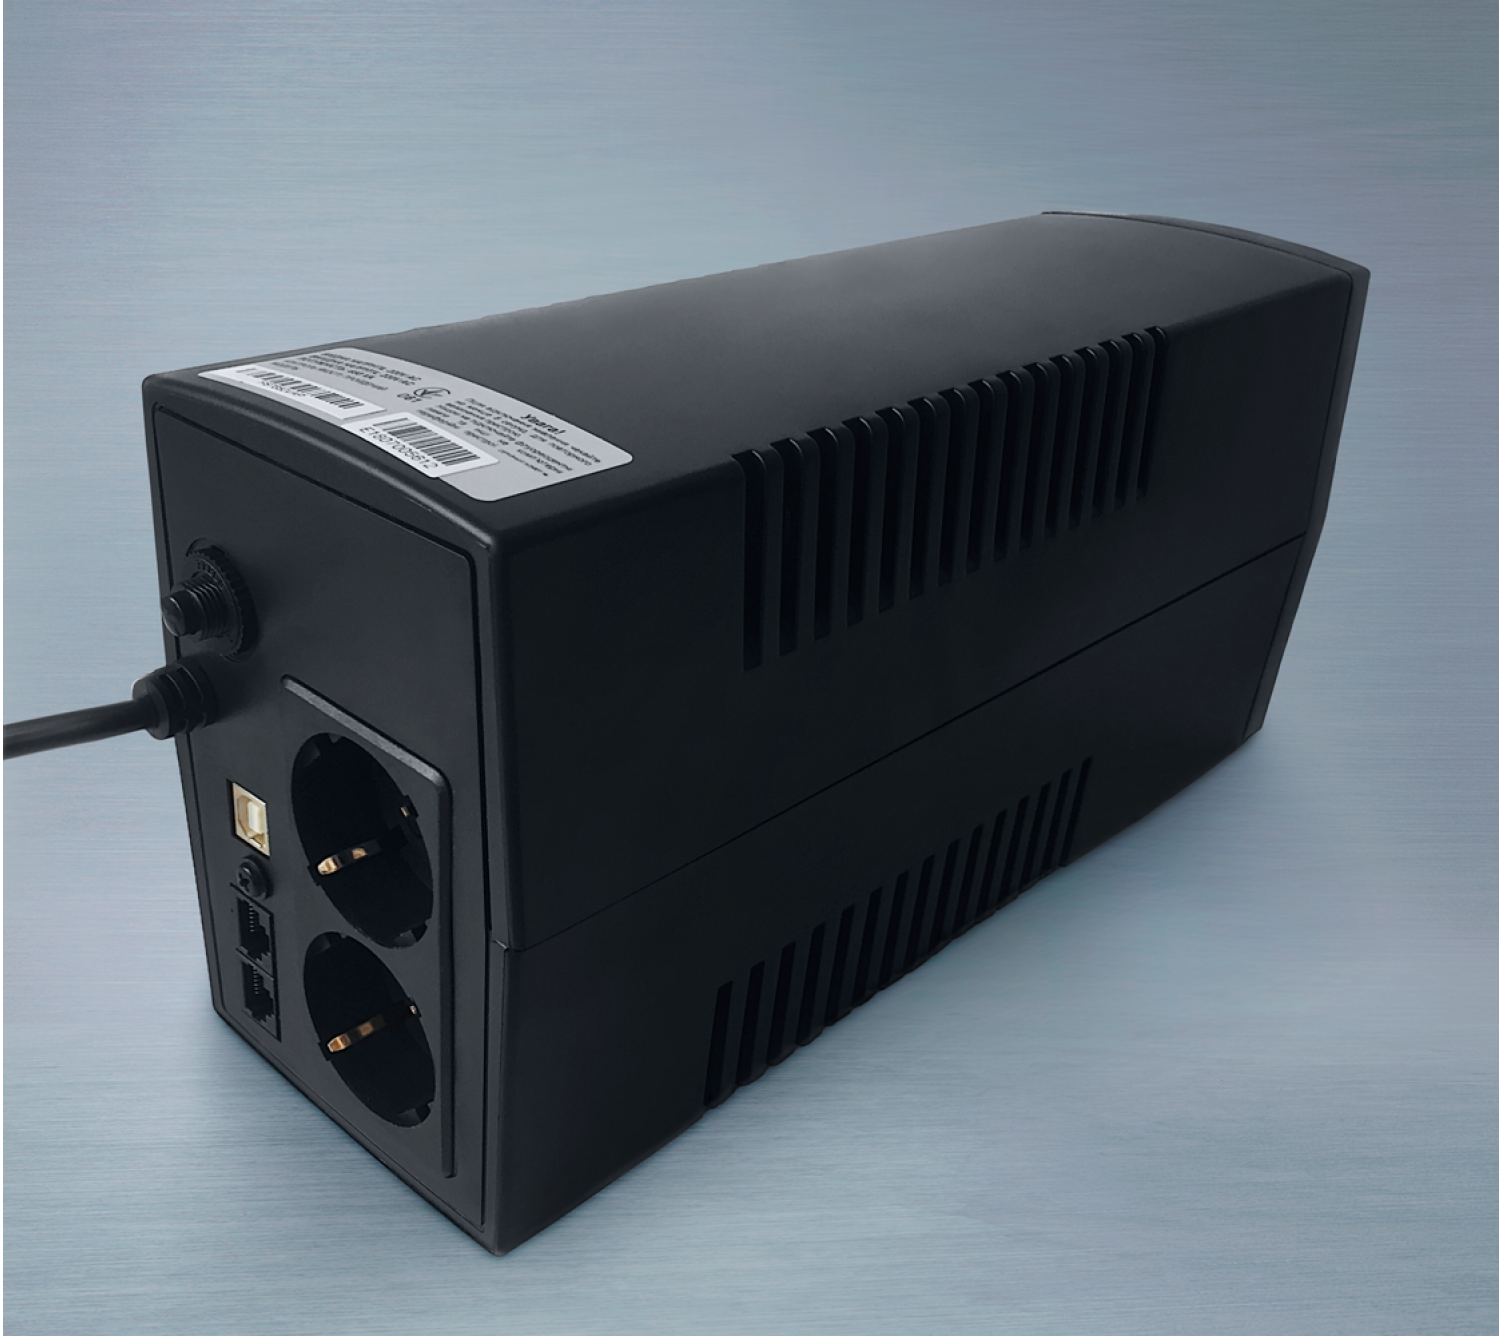 ИБП Frime Standart 850VA USB